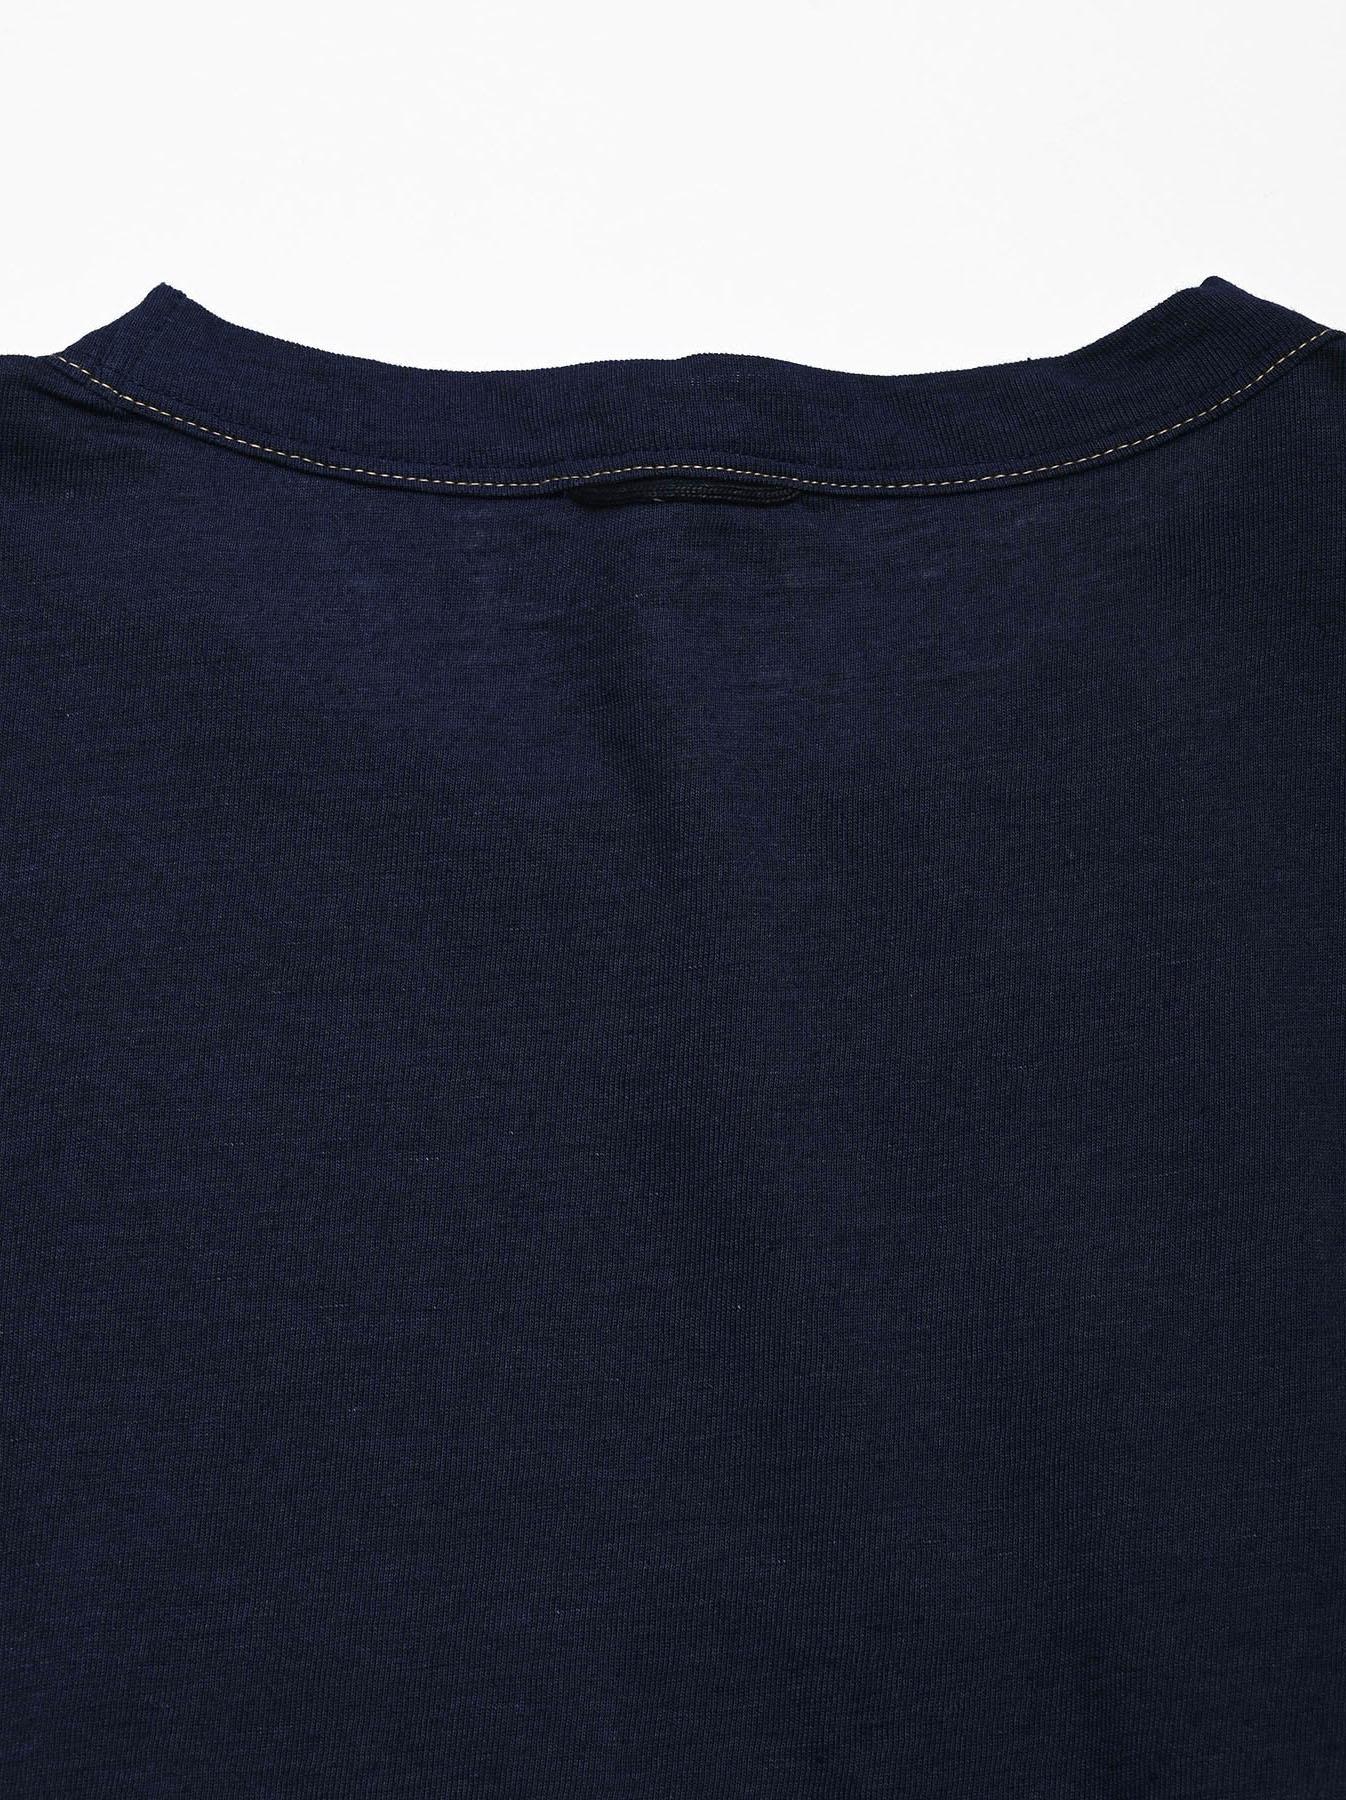 Indigo Tenjiku 908 Ocean T-Shirt (0621)-8